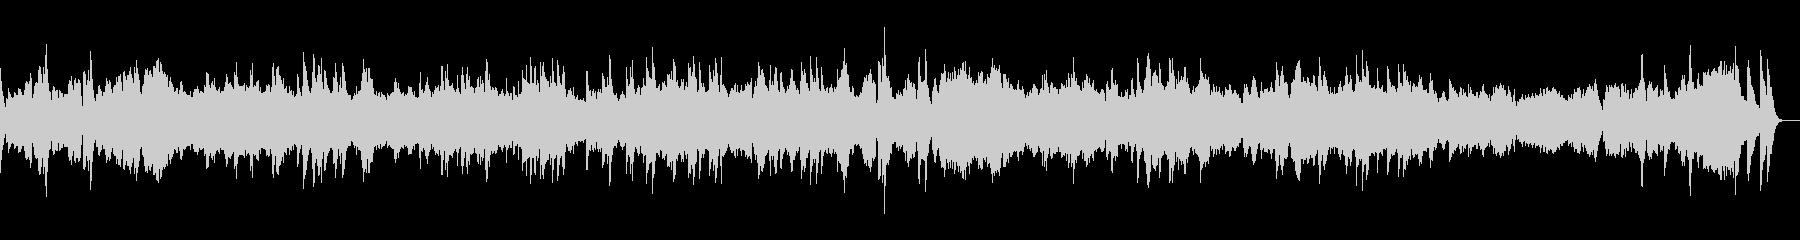 エチュード 作品10-12 オルゴールの未再生の波形